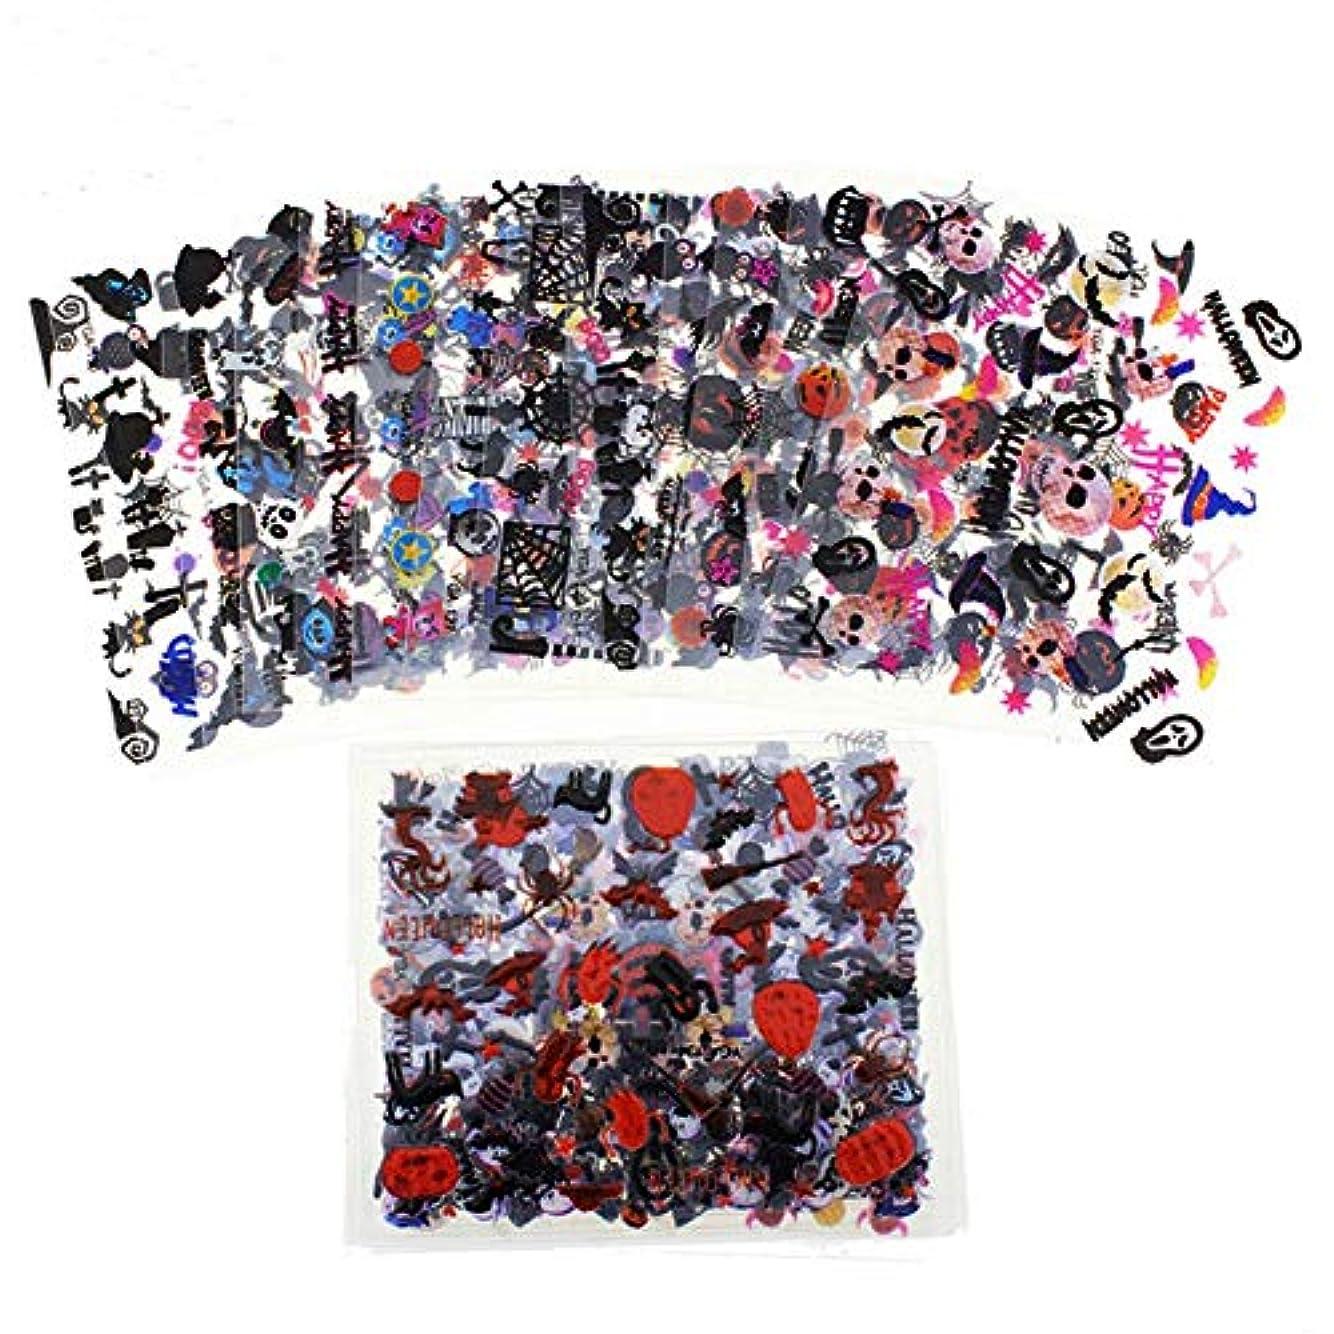 下位取り戻す取り戻すEVA-JP ネイルシール ハロウィーン ネイルステッカー ネイル用装飾 24枚セット 可愛いネイル飾り 貼るだけマニキュア ネイル用装飾 女性 女の子 子供用